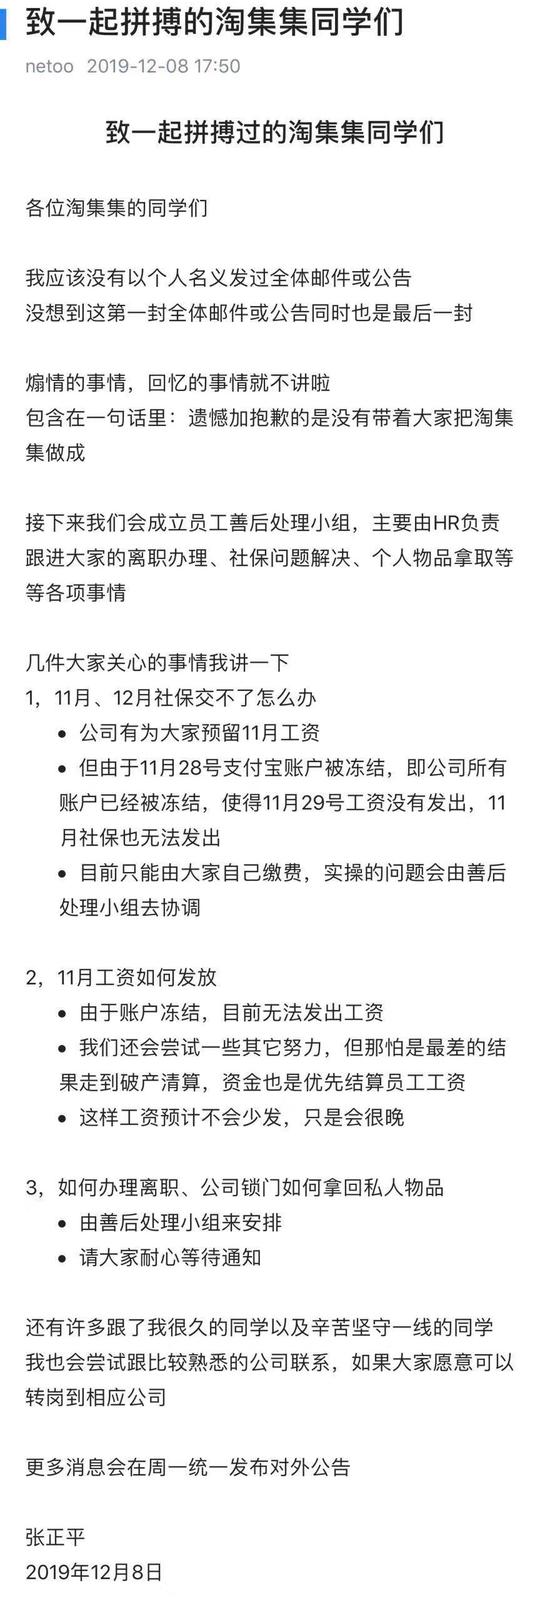 山东威海要求从日韩入境人员统一免费集中居住14天